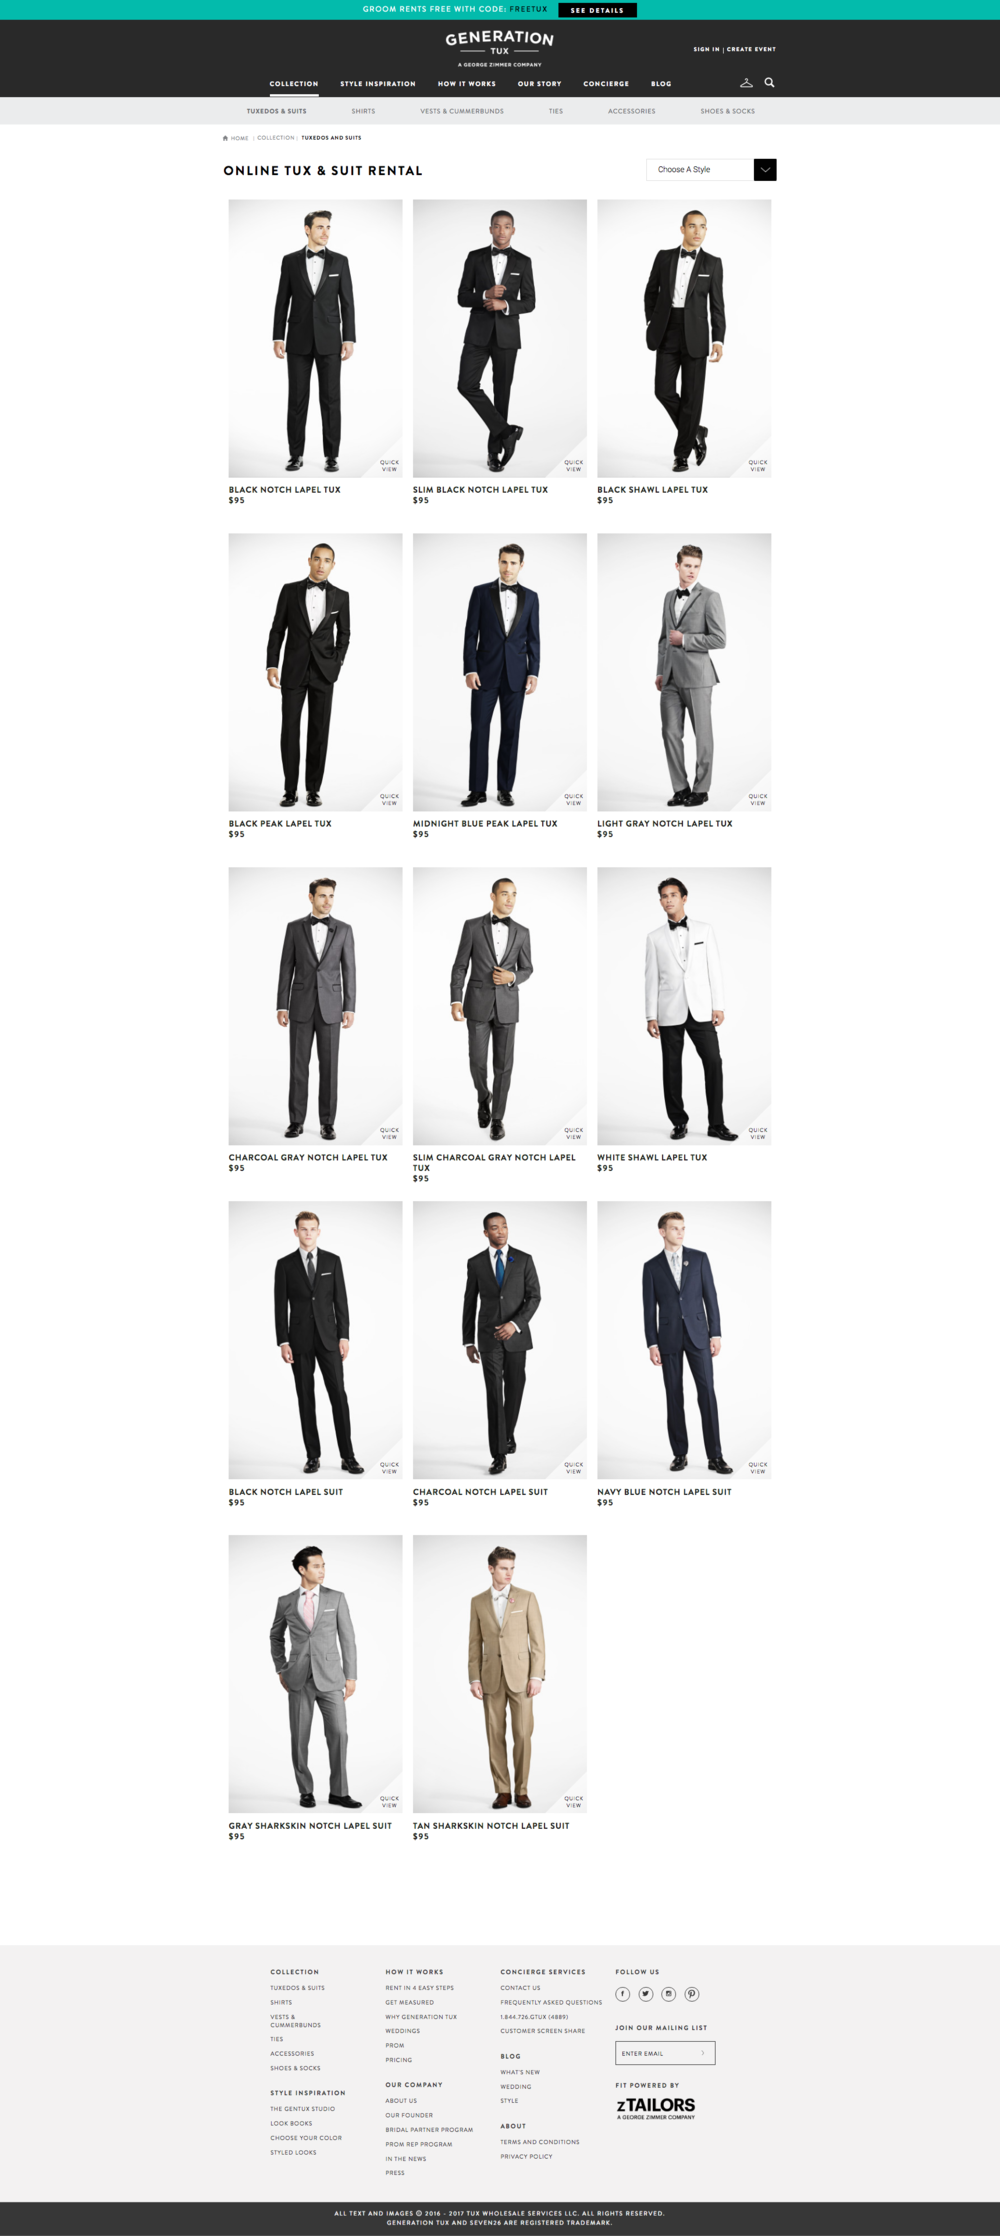 Online Tux Rentals   Rent a Suit Online   Generation Tux.png